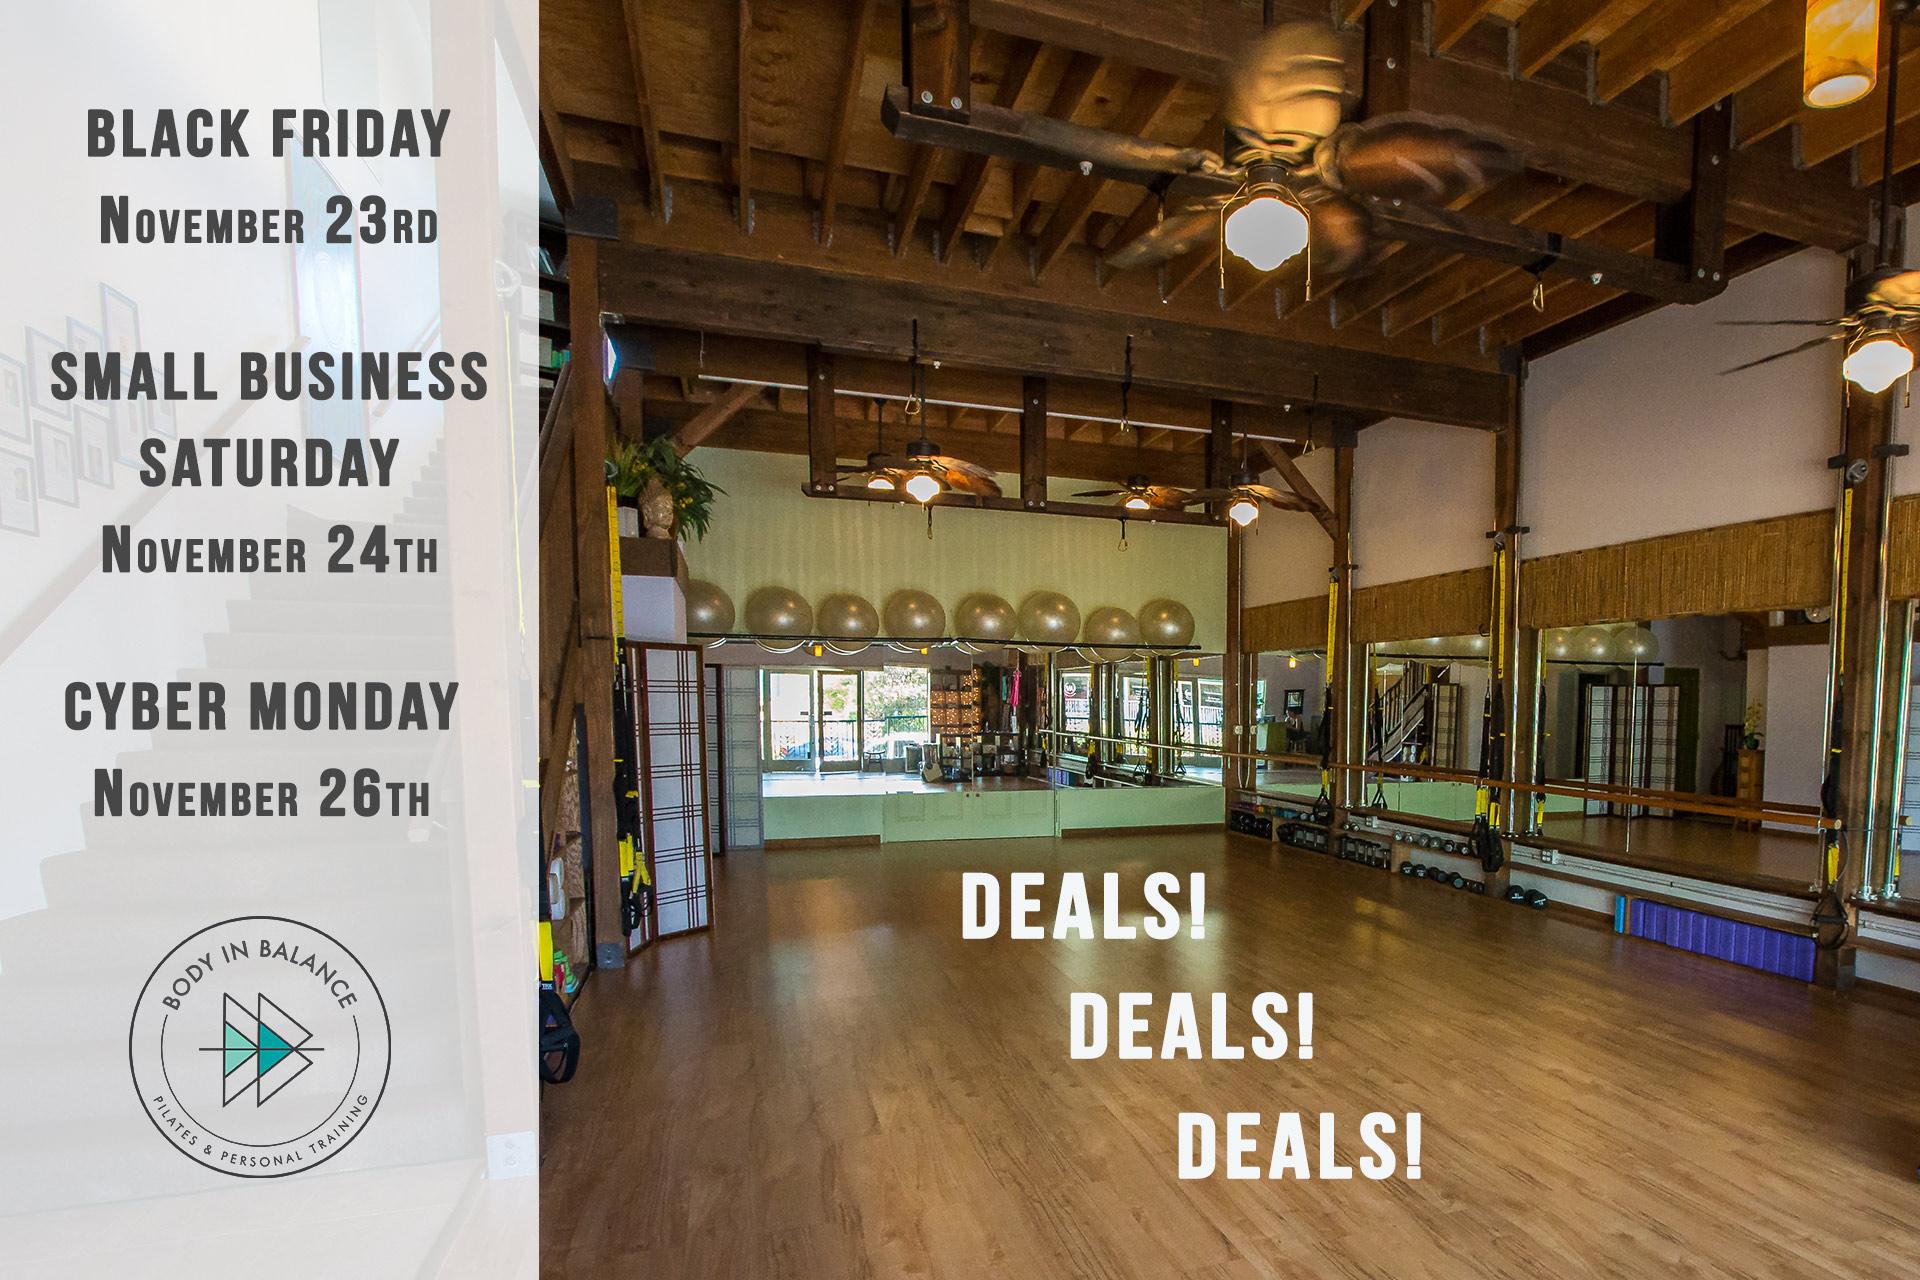 Deals! Deals! Deals!